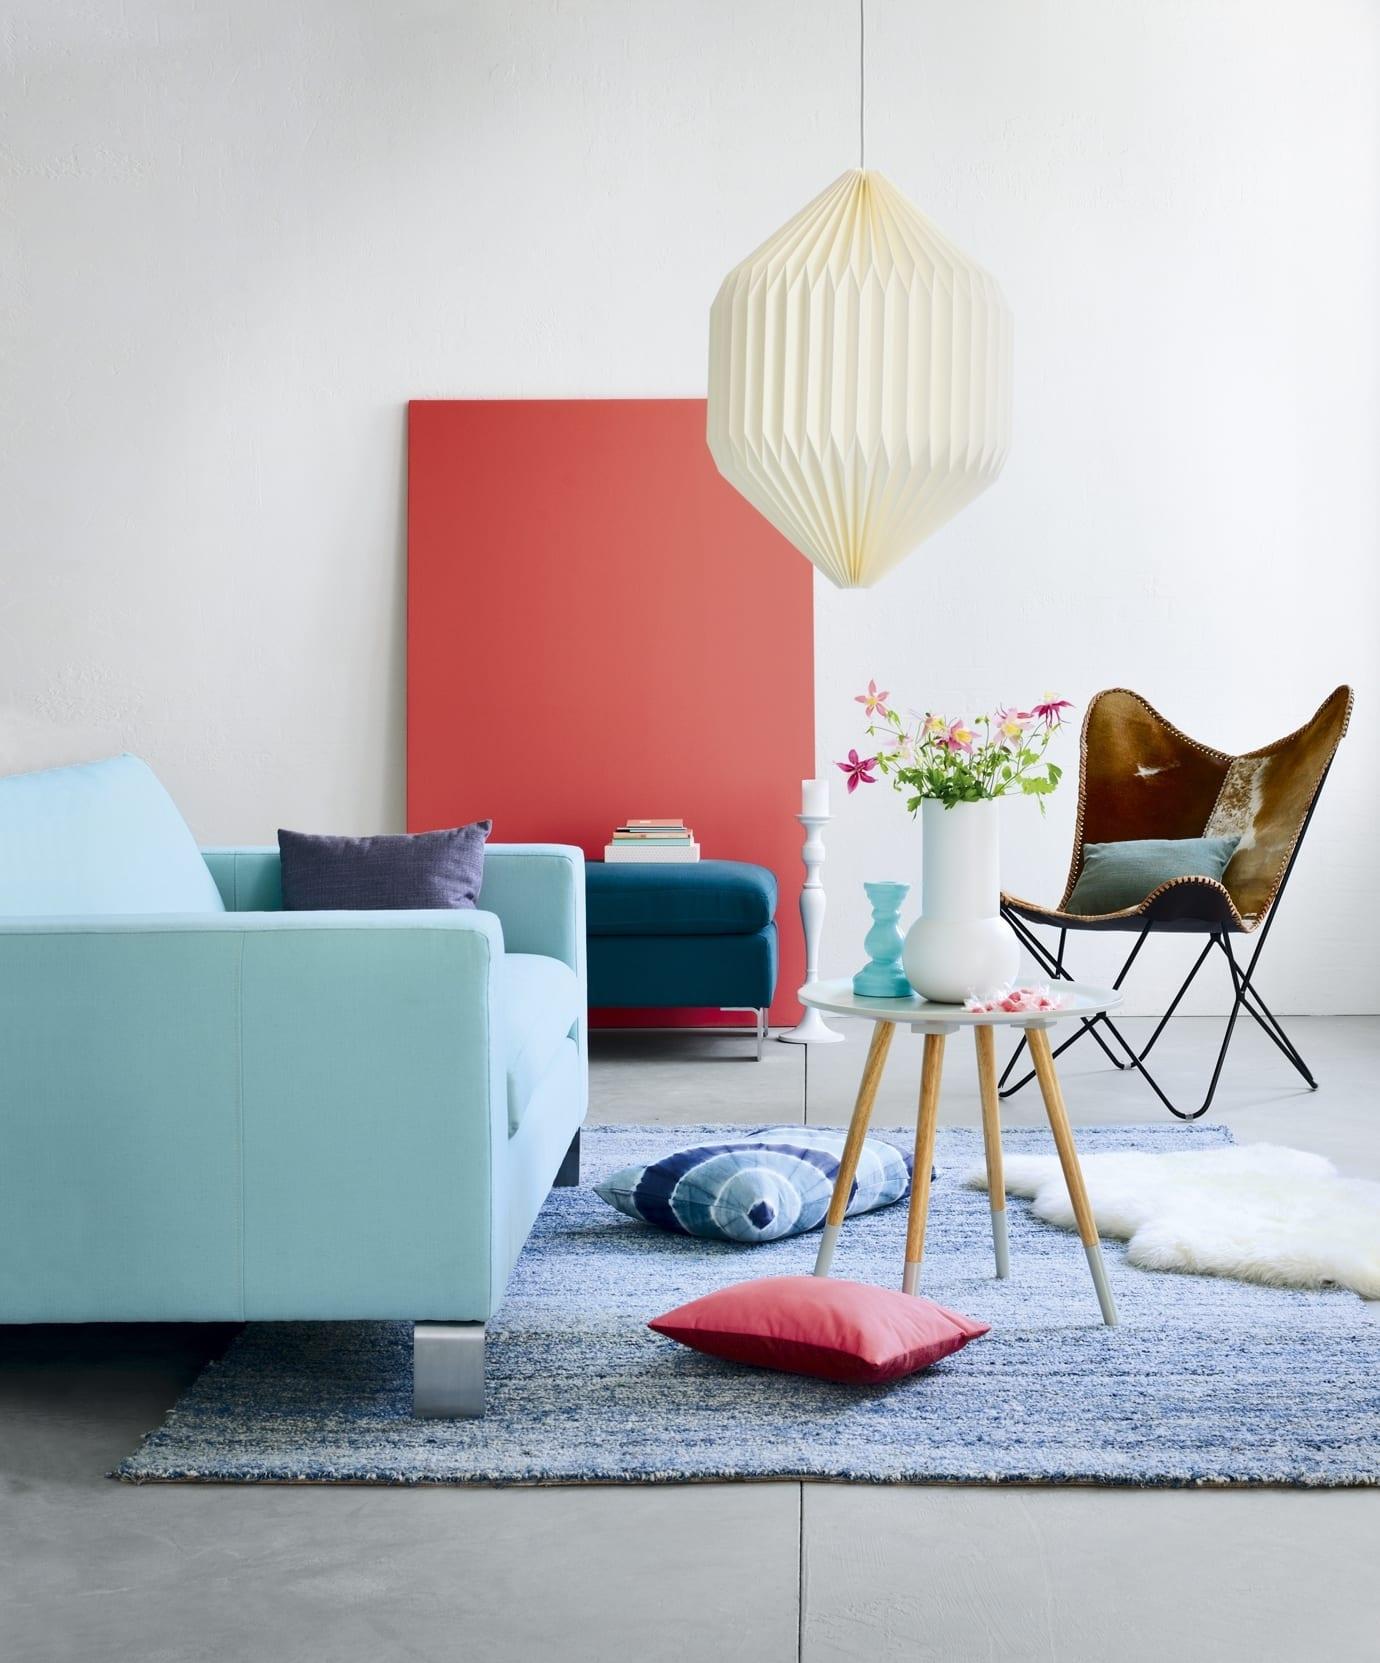 modernes wohnzimmer Interior- Wohnzimmergestaltung